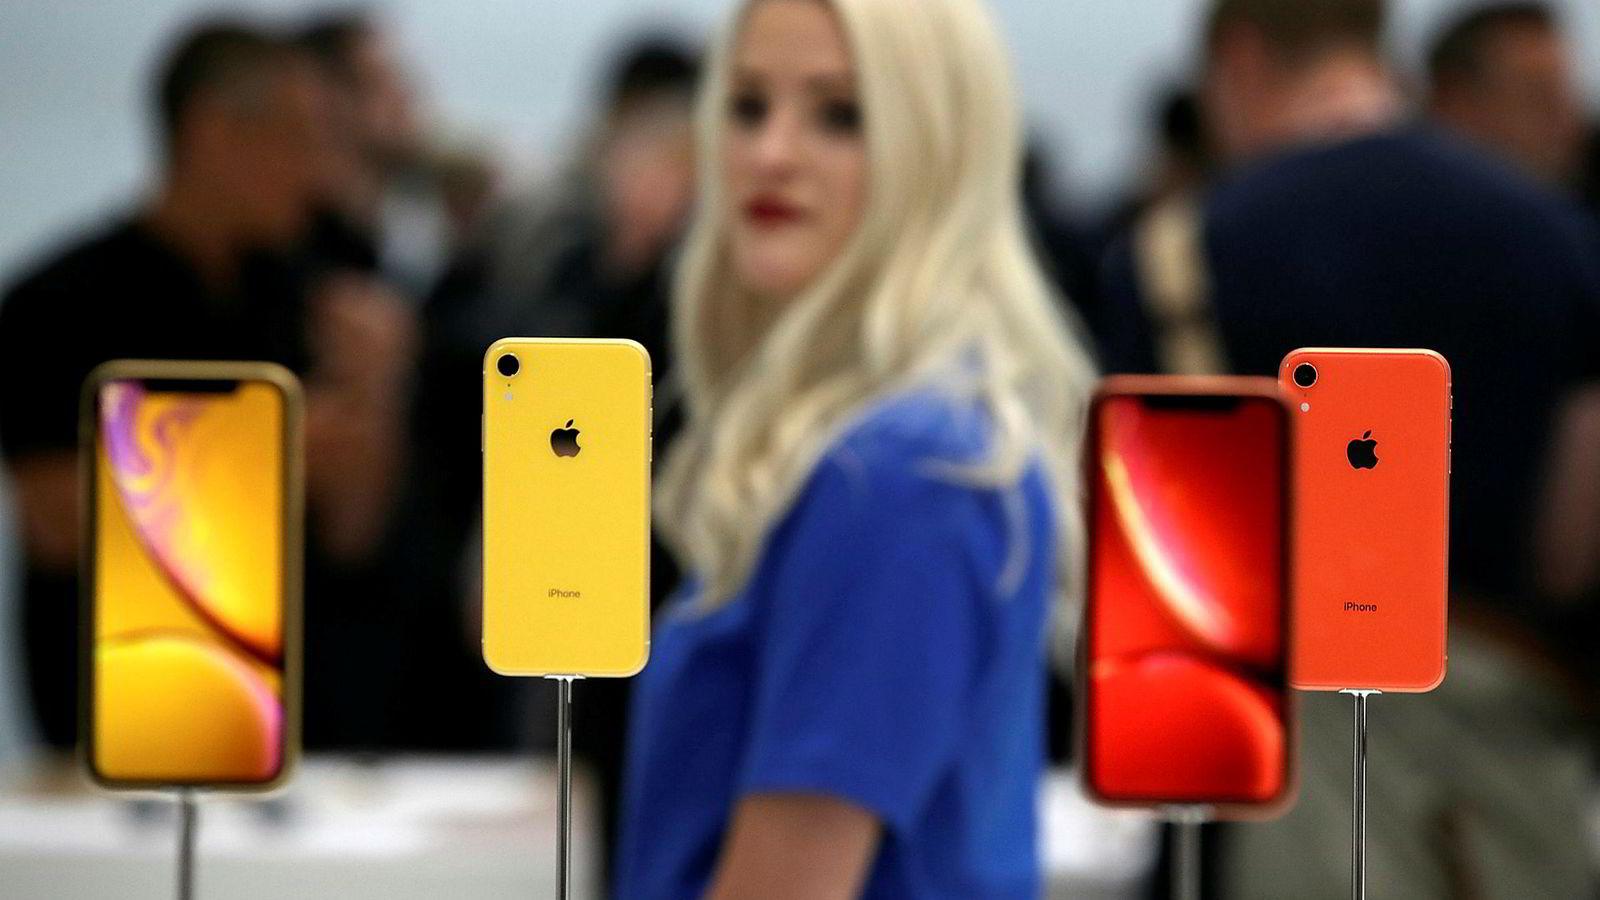 Denne uken lanserte Apple årets mobilmodeller, Mest oppmerksomhet fikk Iphone XR. For mange er Apple et klassisk eksempel på vellykket innovasjon i privat sektor. Men ifølge innovasjonsforskeren Mariana Mazzucato har det meste av innovasjoner som kjennetegner en smarttelefon sitt opphav i offentlig finansiert forskning.